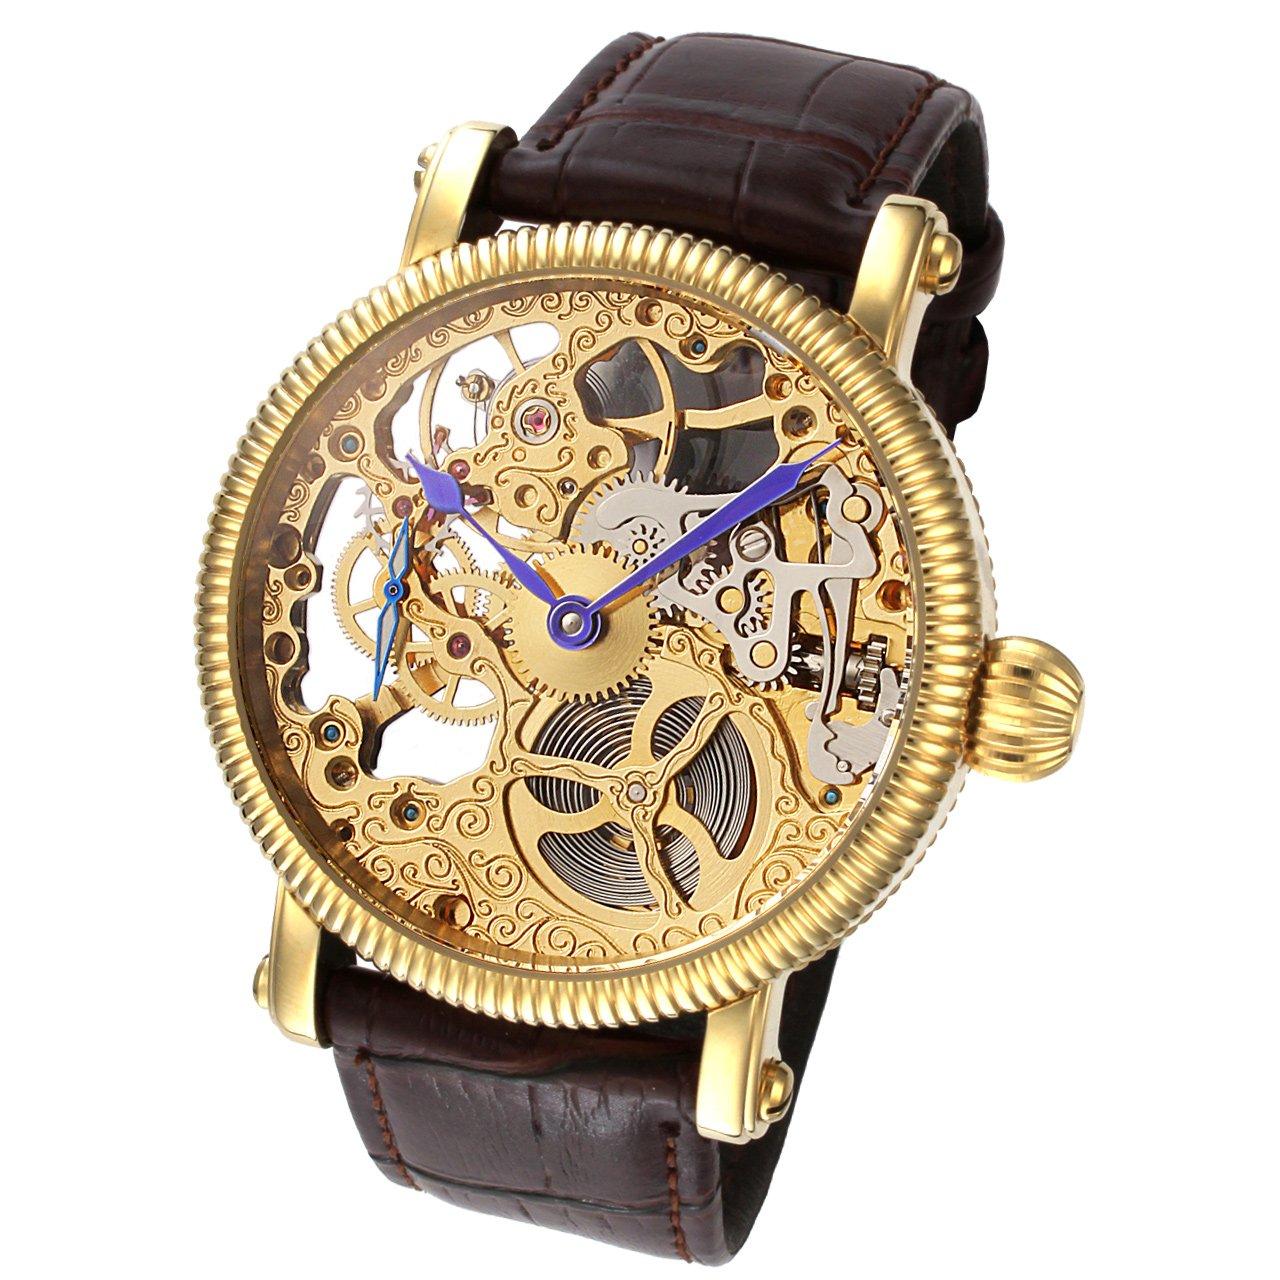 Rougois Mechaniqueゴールドスケルトン腕時計ブラウンレザーバンド B019SBG4MO